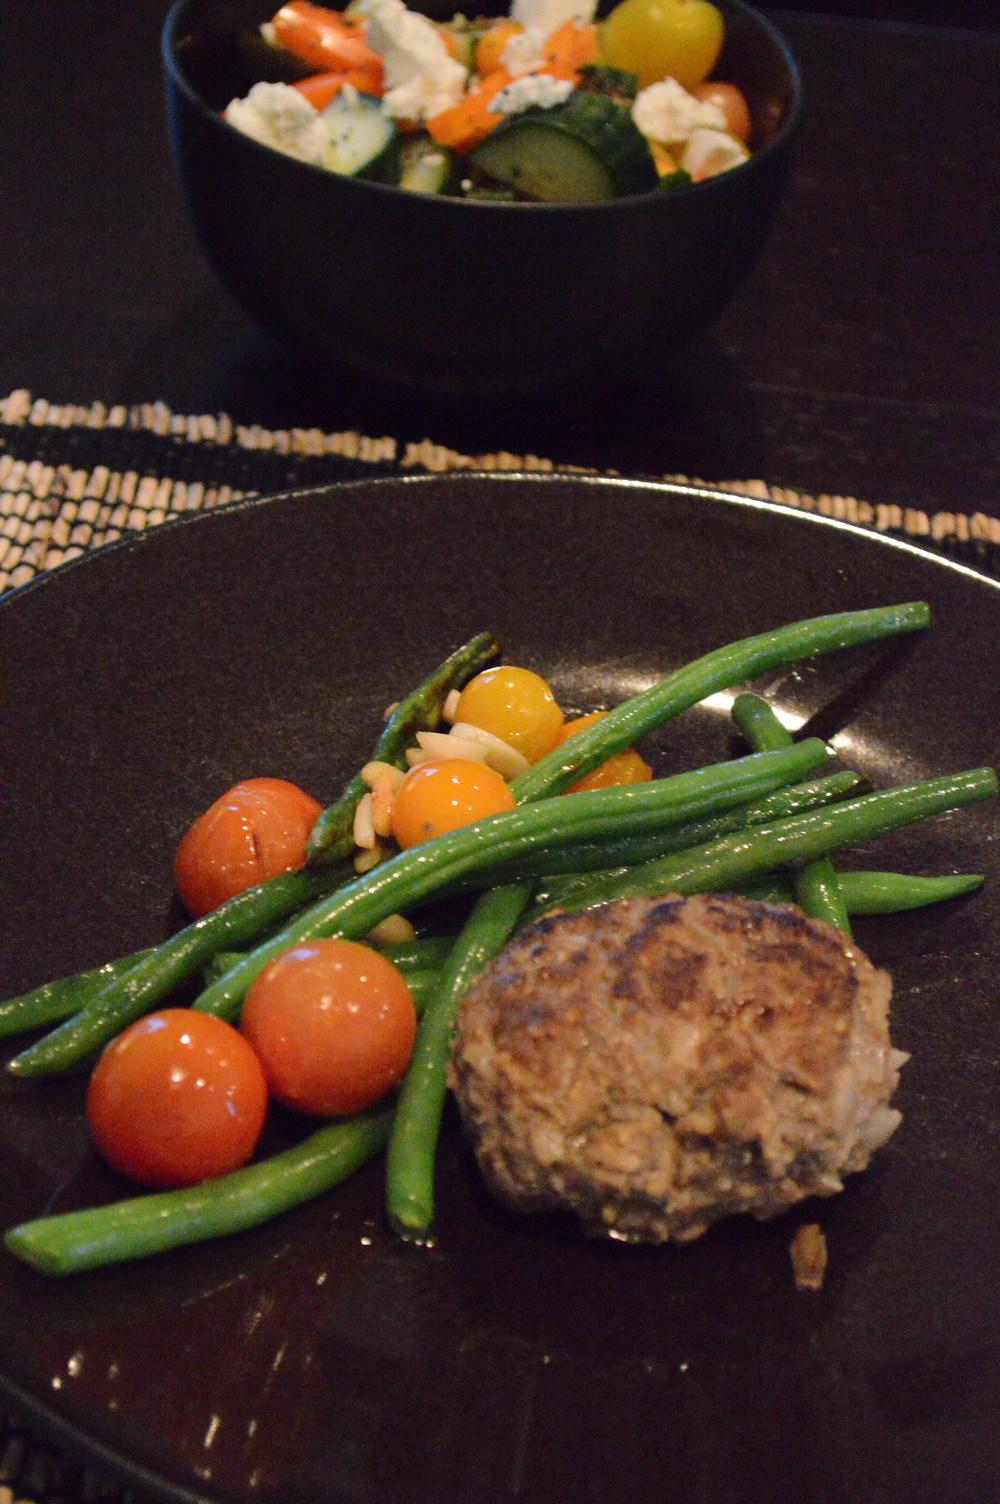 LaurenSchwaiger-Health-Fitness-Blog-Healthy-Dinner.jpg